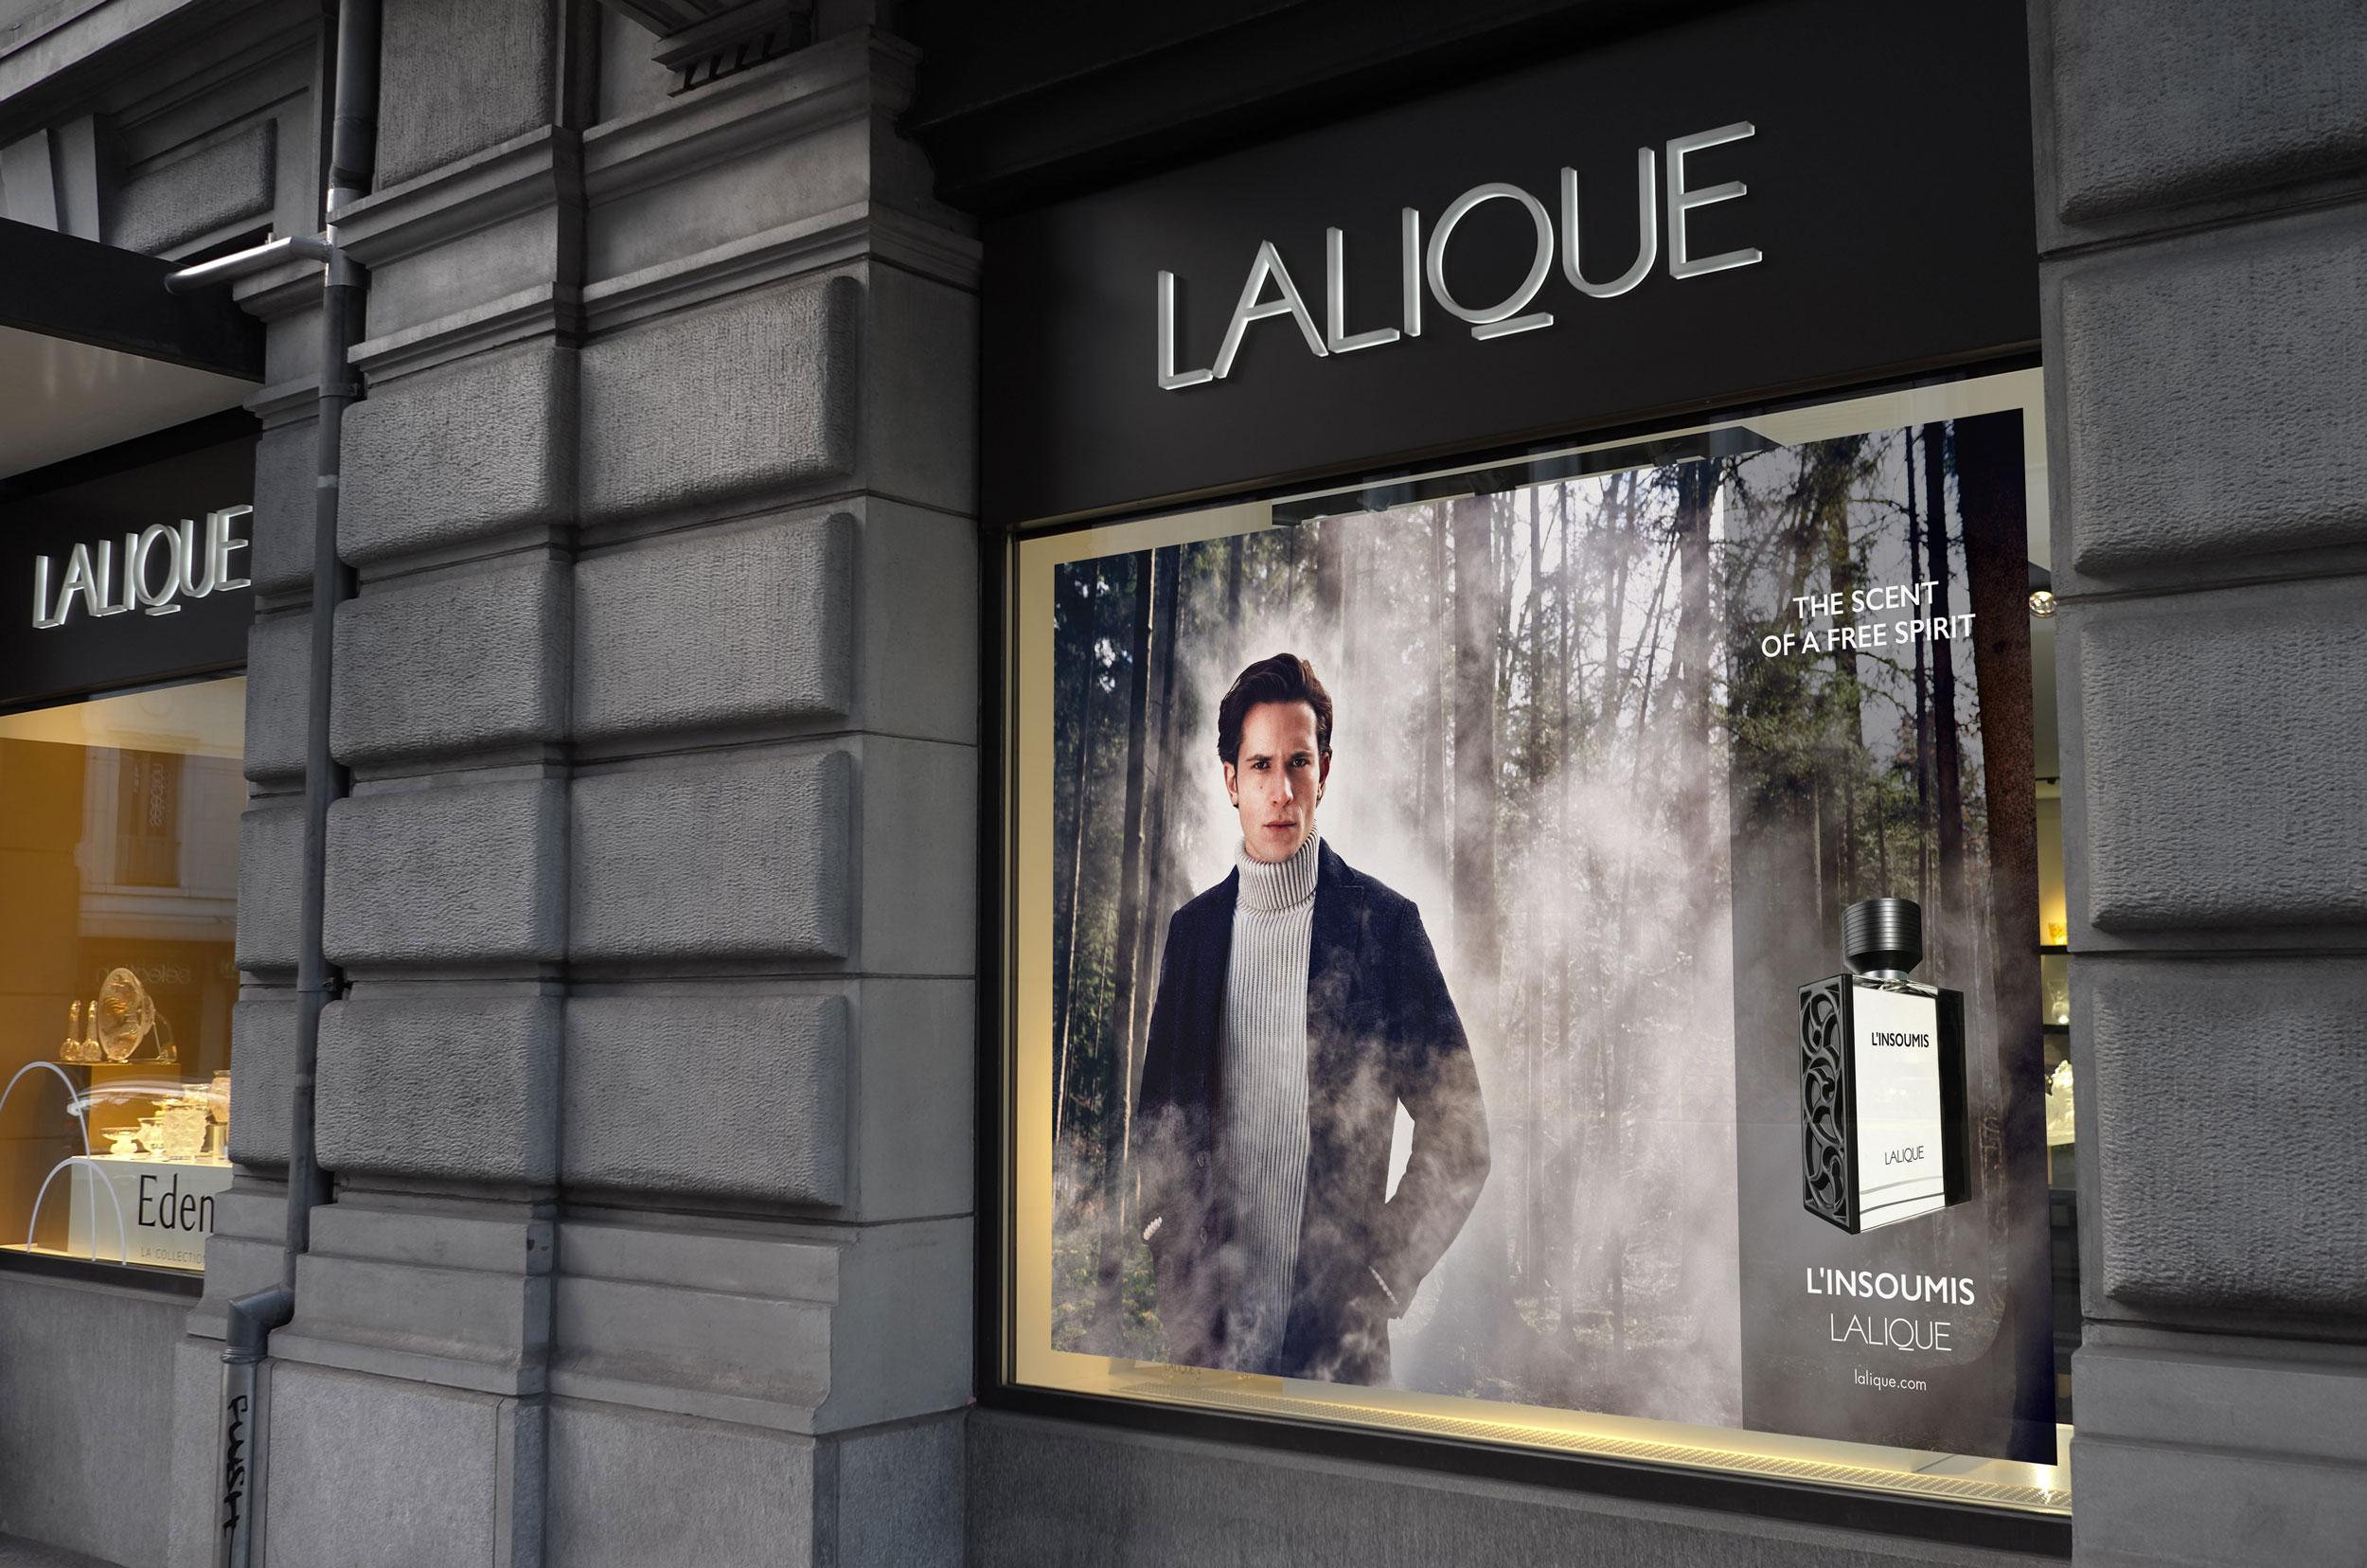 blyss-lalique-advertising-02.jpg